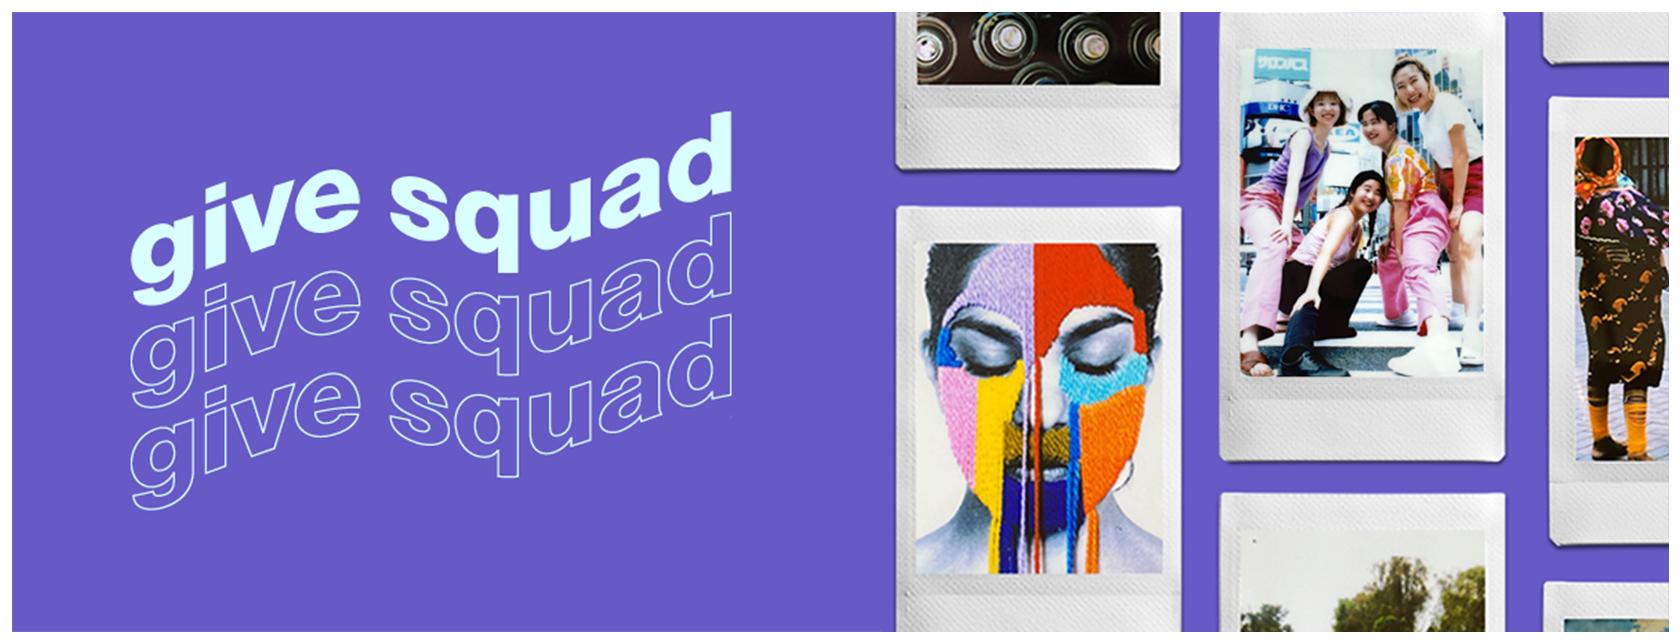 [画像]「give squad」